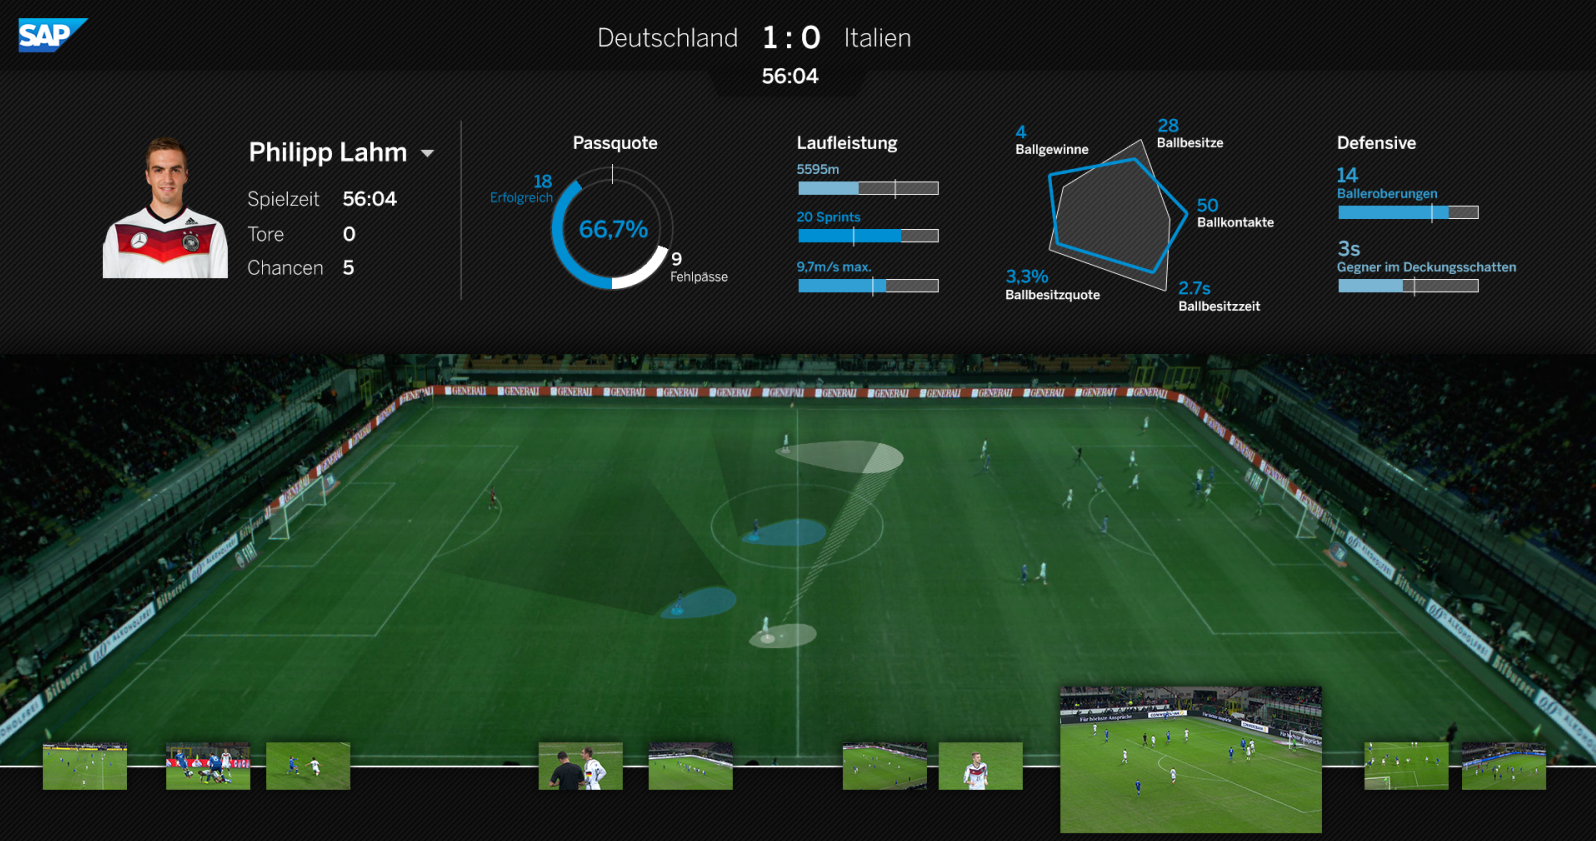 Zusammen mit Panasonic und einer speziellen 360-Grad-Kammera will SAP die Lösung Match Insights für eine professionelle Spielauswertung via Video-Daten aufbereiten. Bei ersten Vereinen soll diese Lösung bereits im Einsatz sein. (Quelle: SAP)